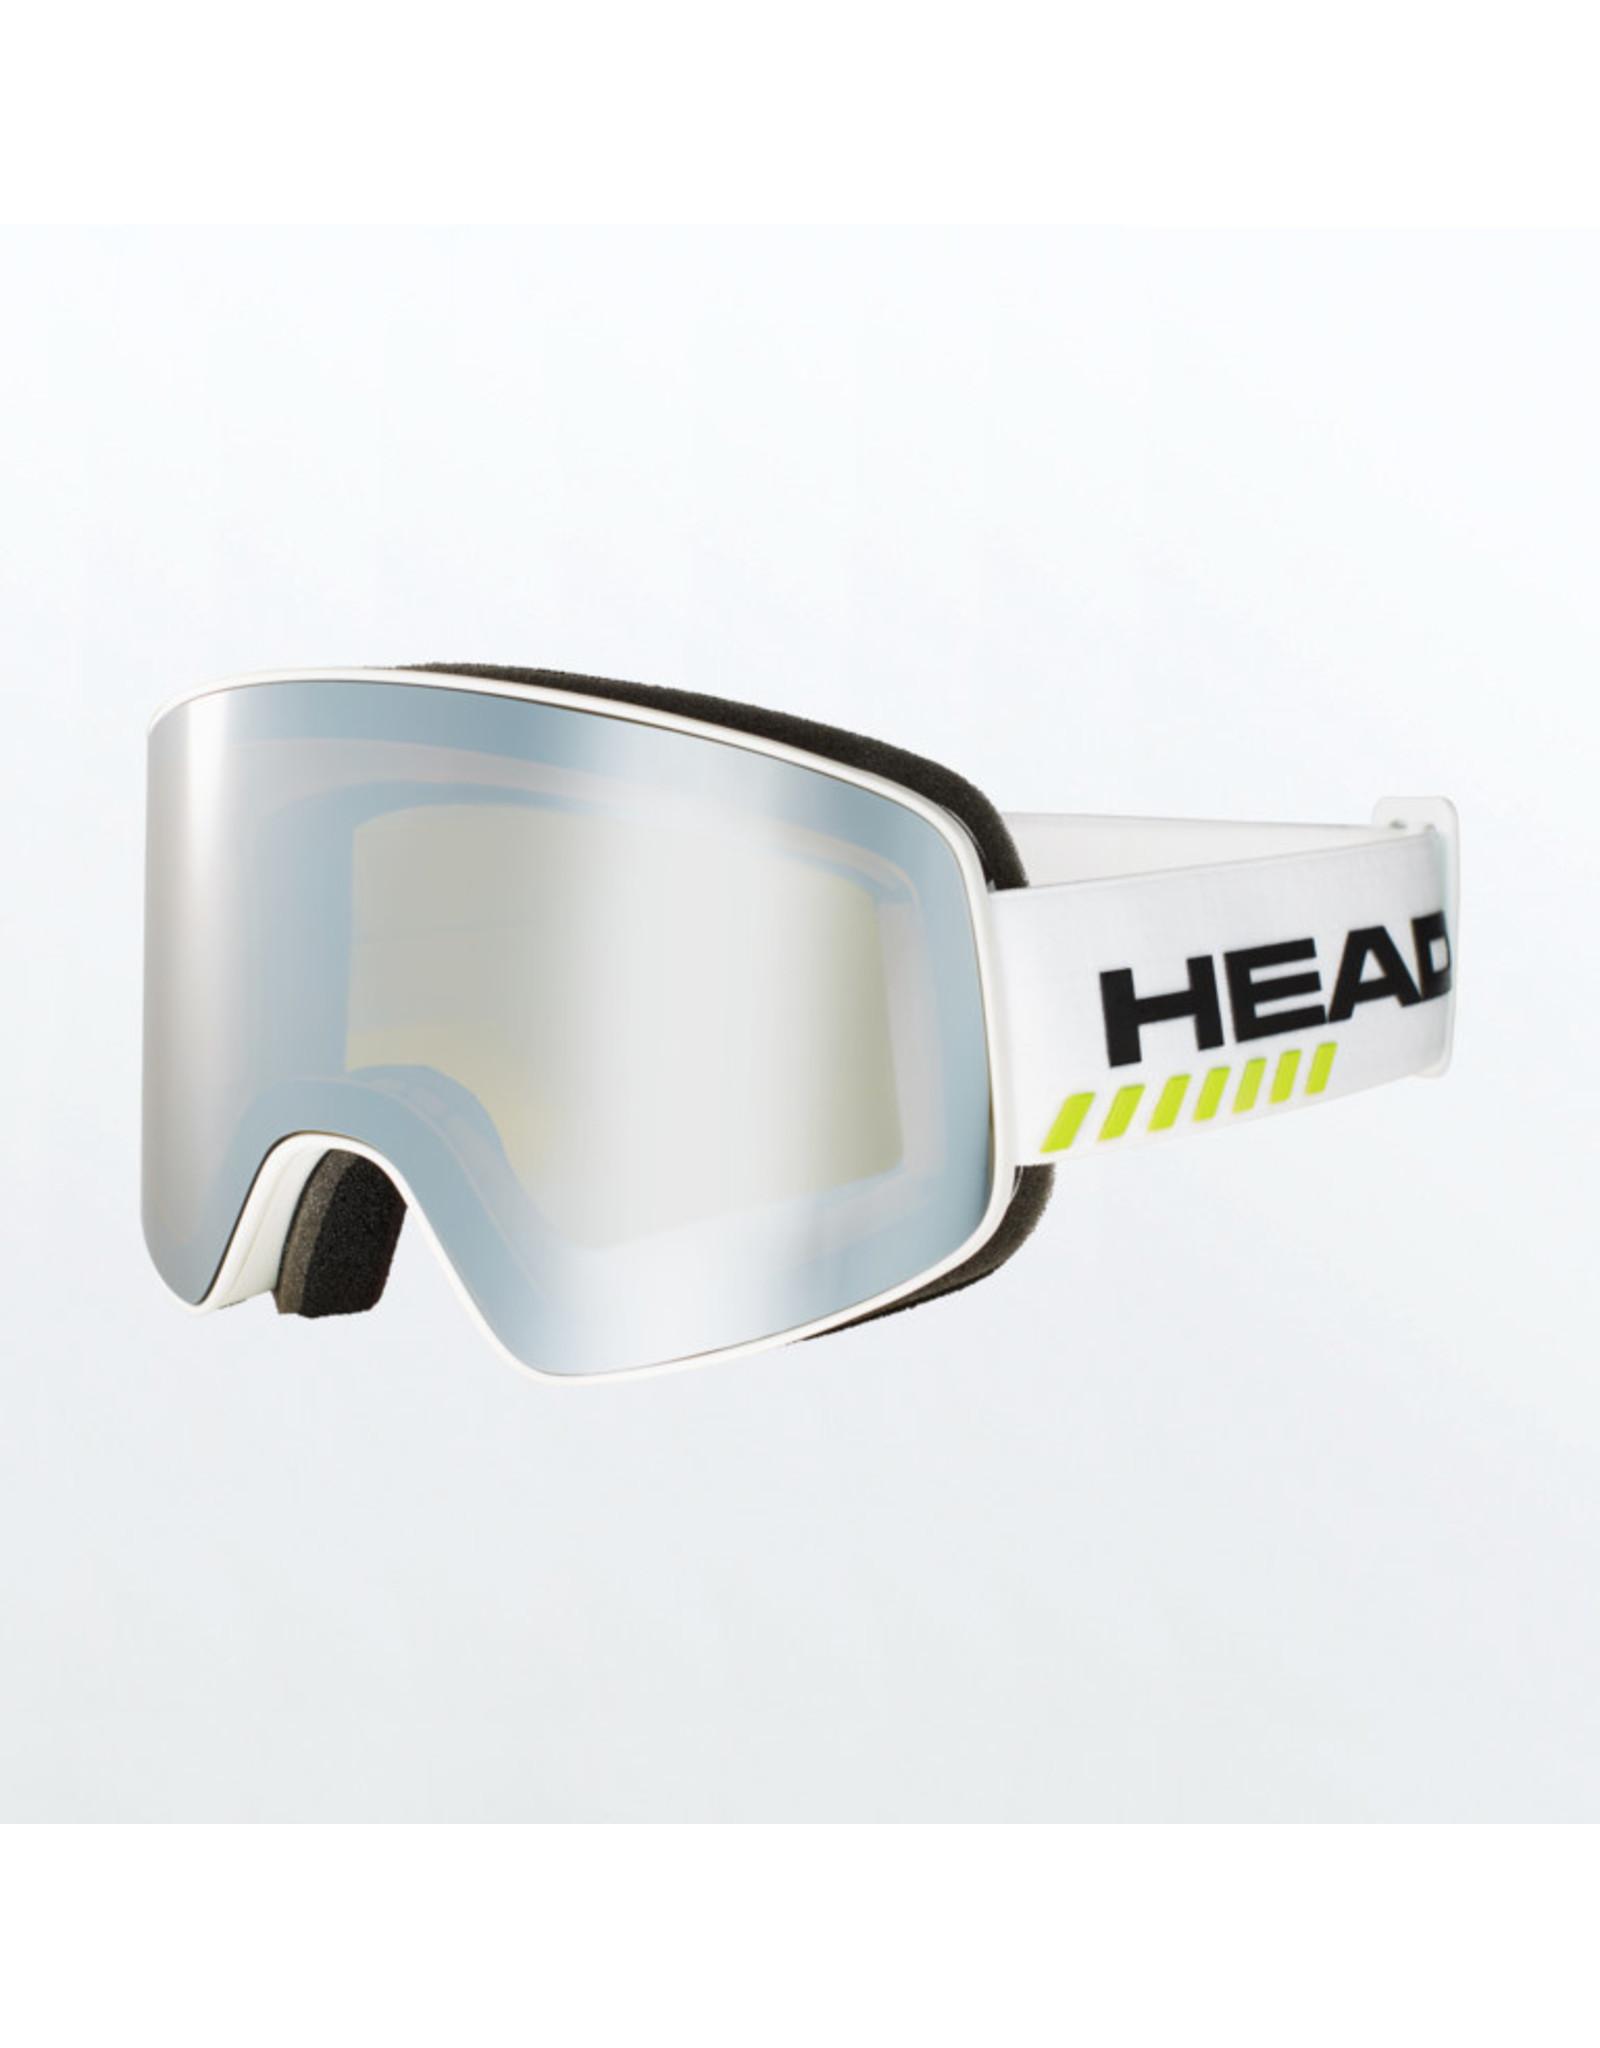 Head Head Horizon Race + Spare Lens